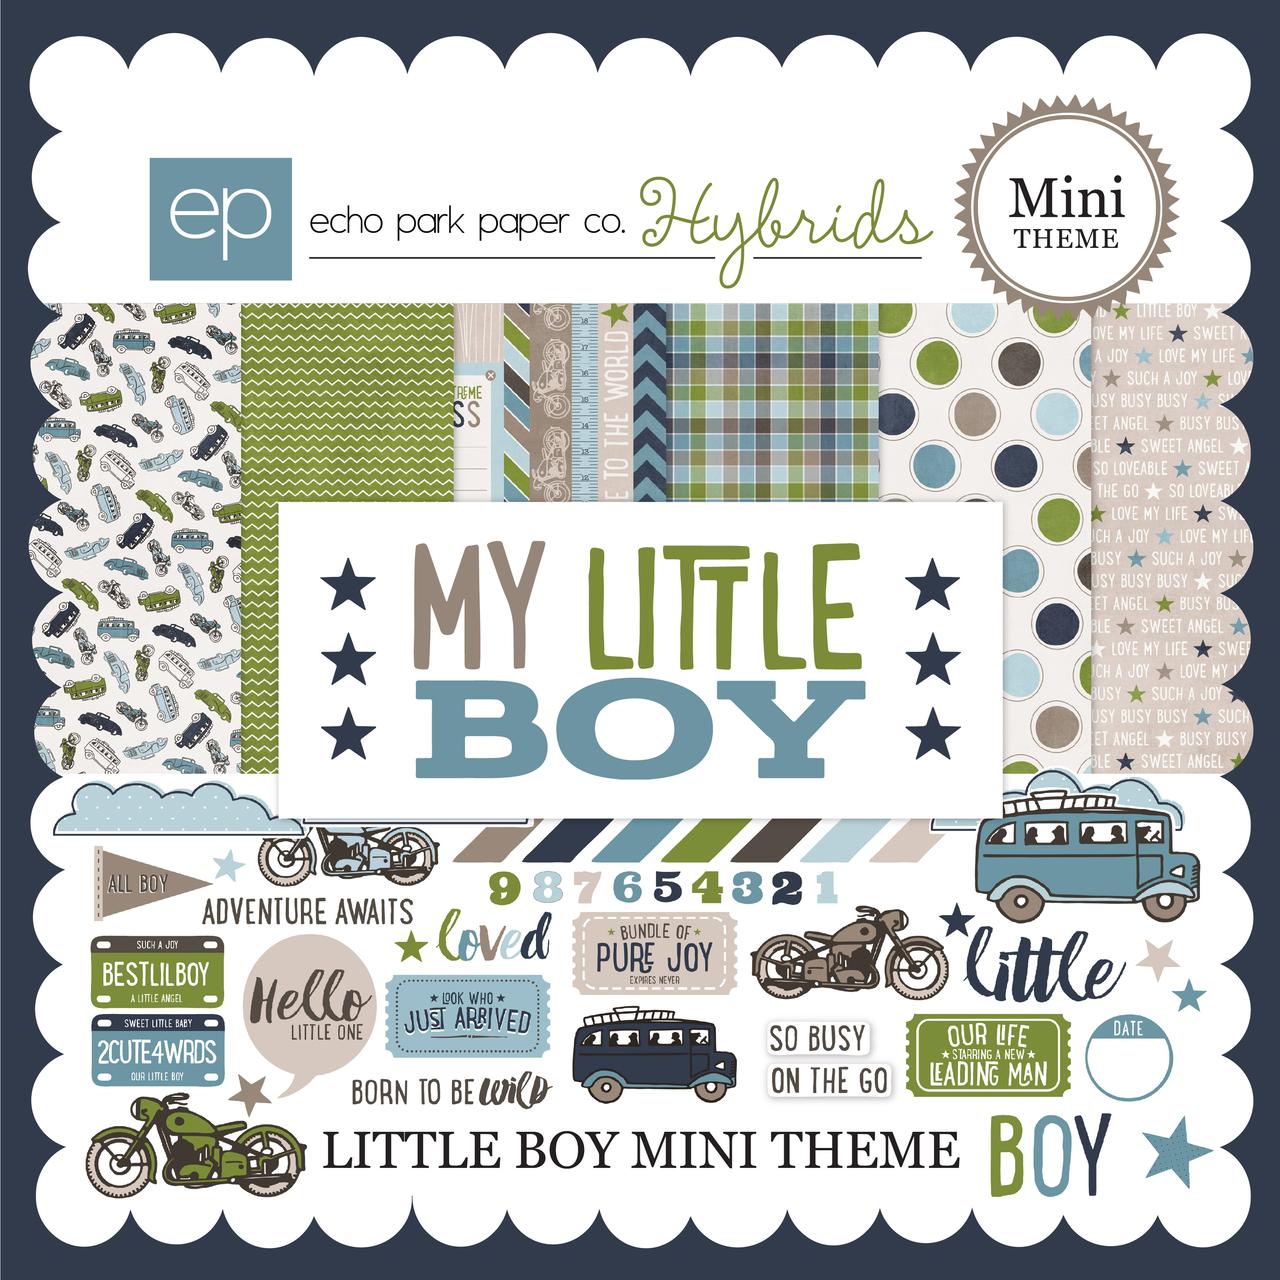 Little Boy Mini-Theme